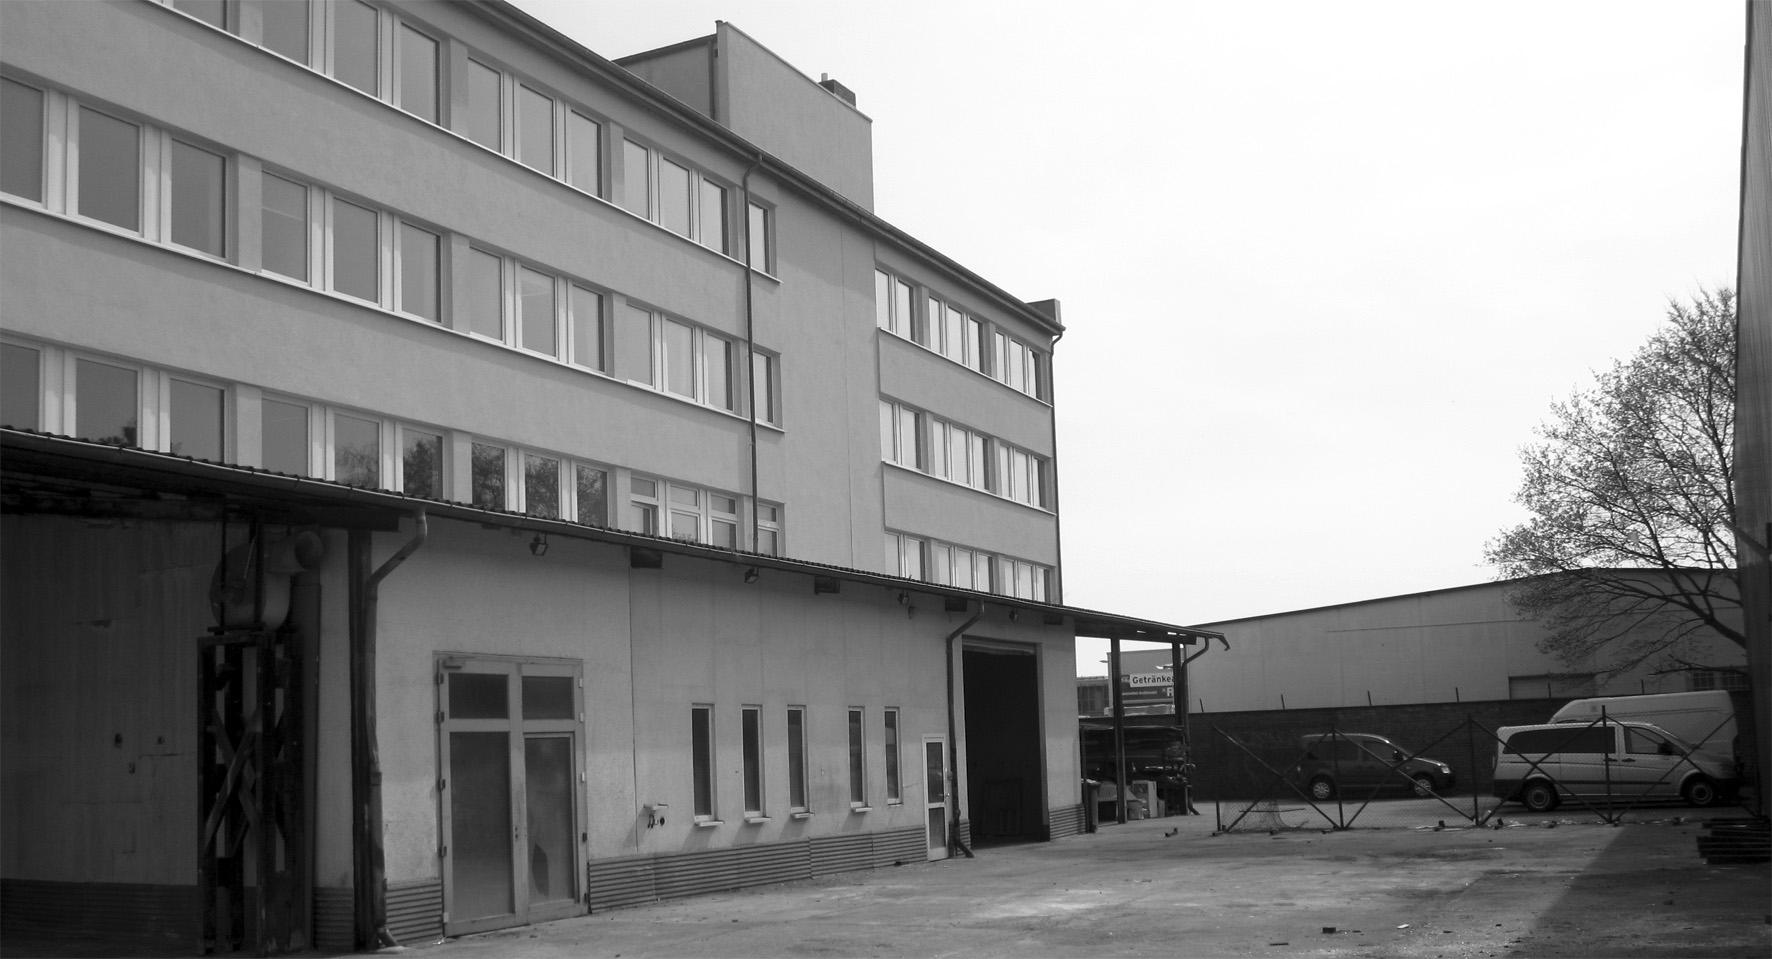 AHGB/Atelierhaus-Genossenschaft-Berlin